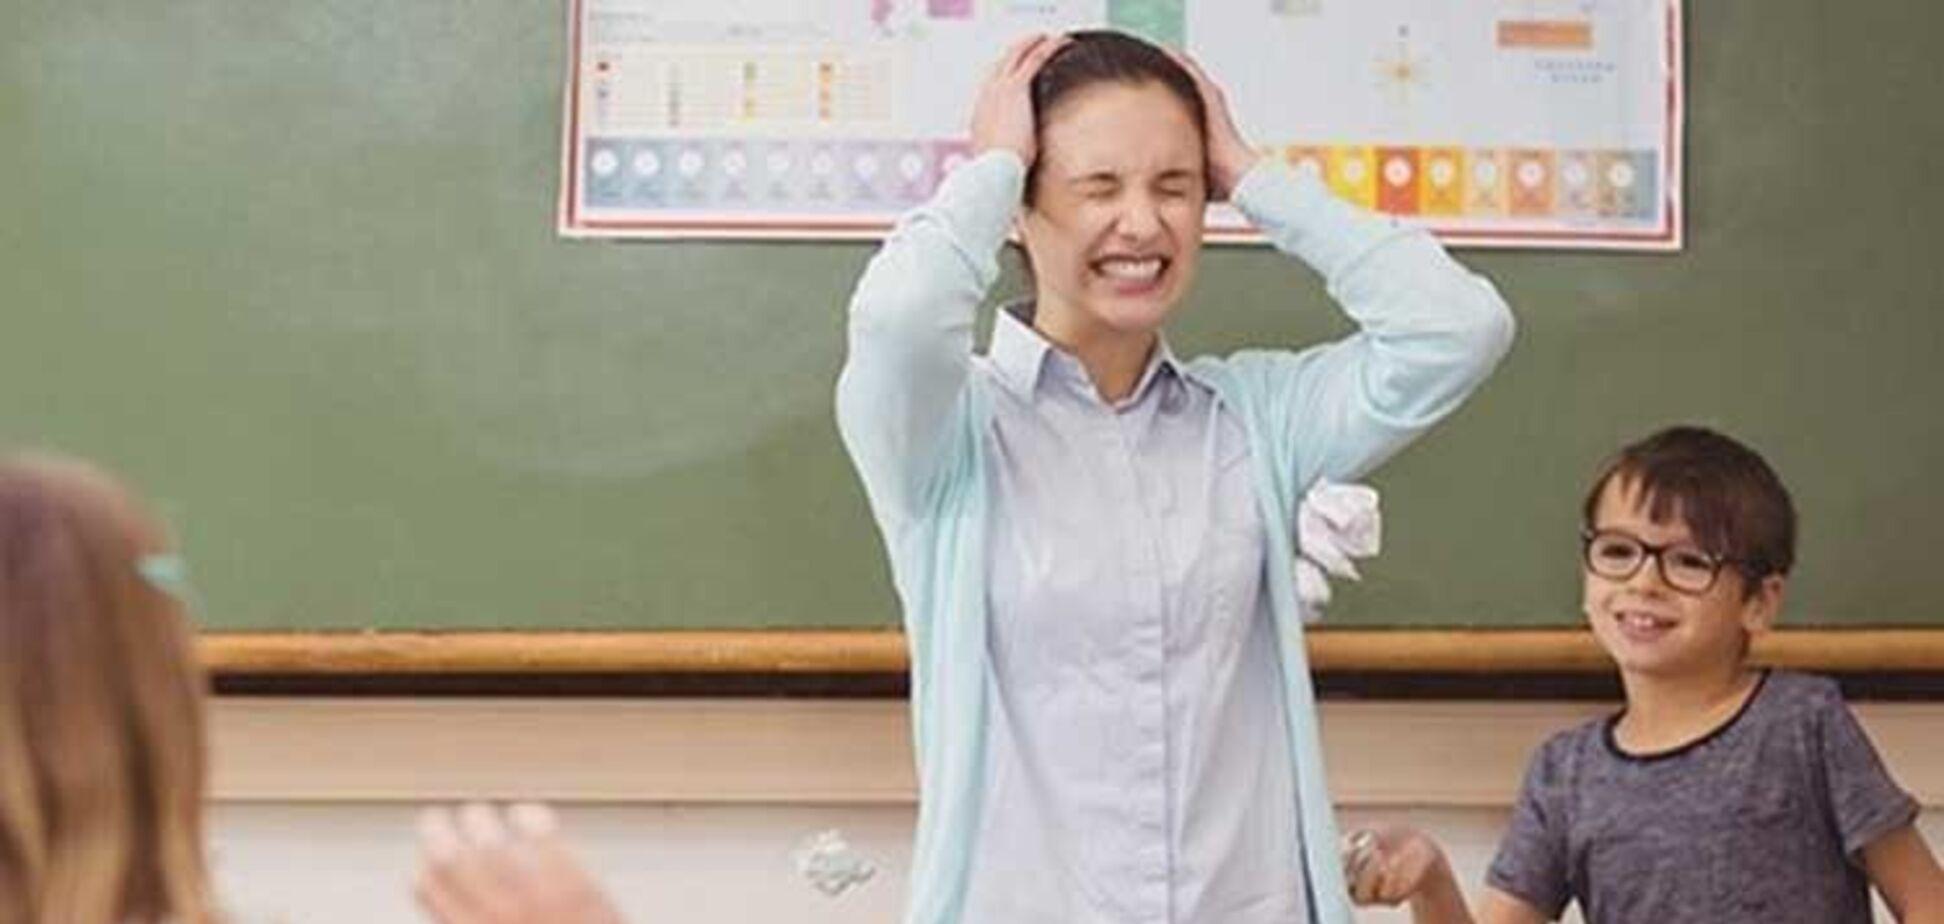 Штрафи за образу педагога: у Верховній Раді зареєстрували законопроект